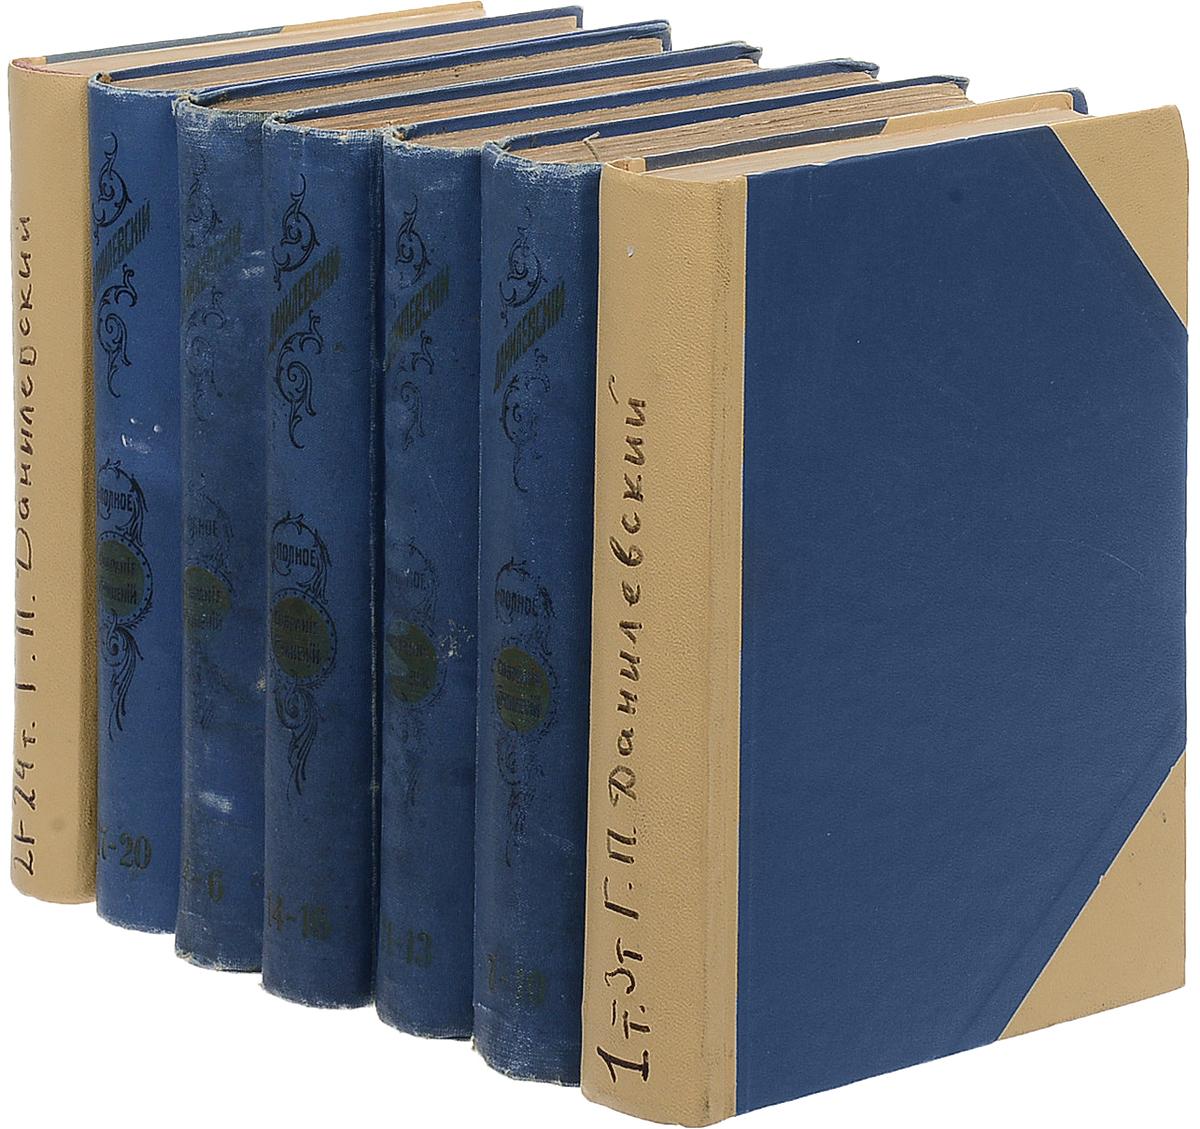 Г. П. Данилевский. Полное собрание сочинений. В 24 томах (комплект из 7 книг) и ф каллиников мощи в 4 томах комплект из 2 книг